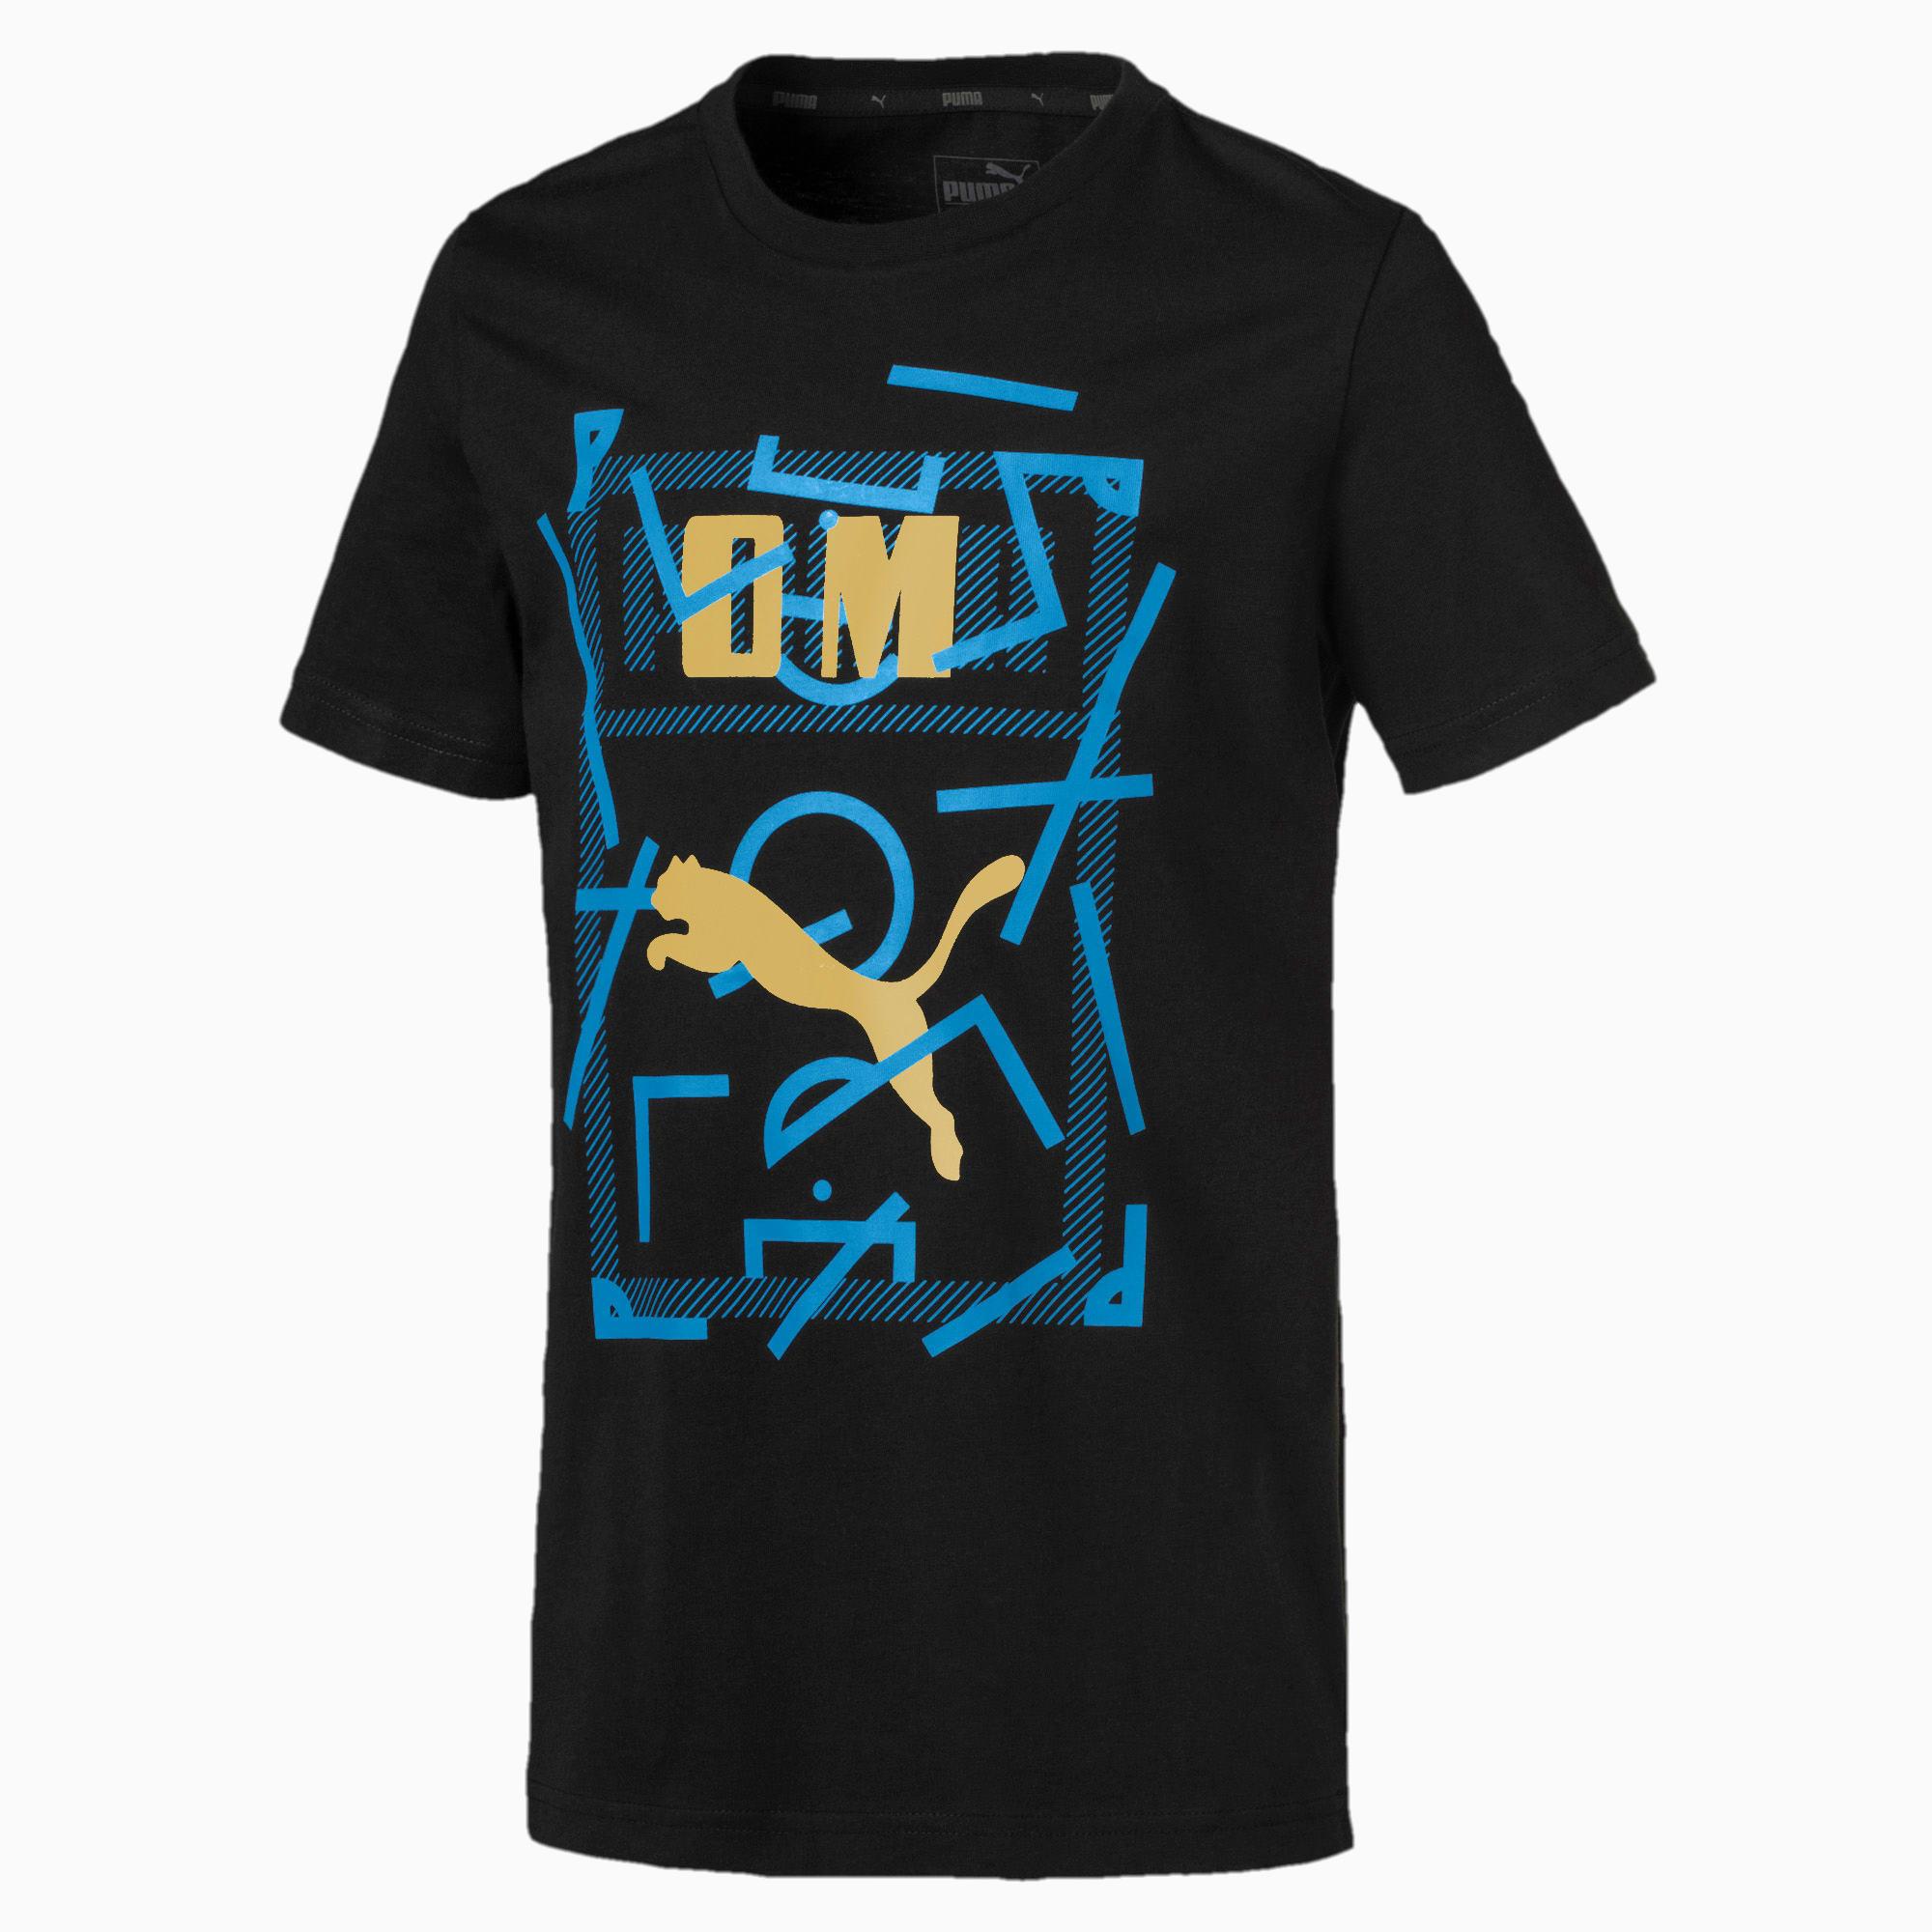 PUMA T-Shirt Olympique de Marseille DNA pour enfant, Noir, Taille 164, Vêtements